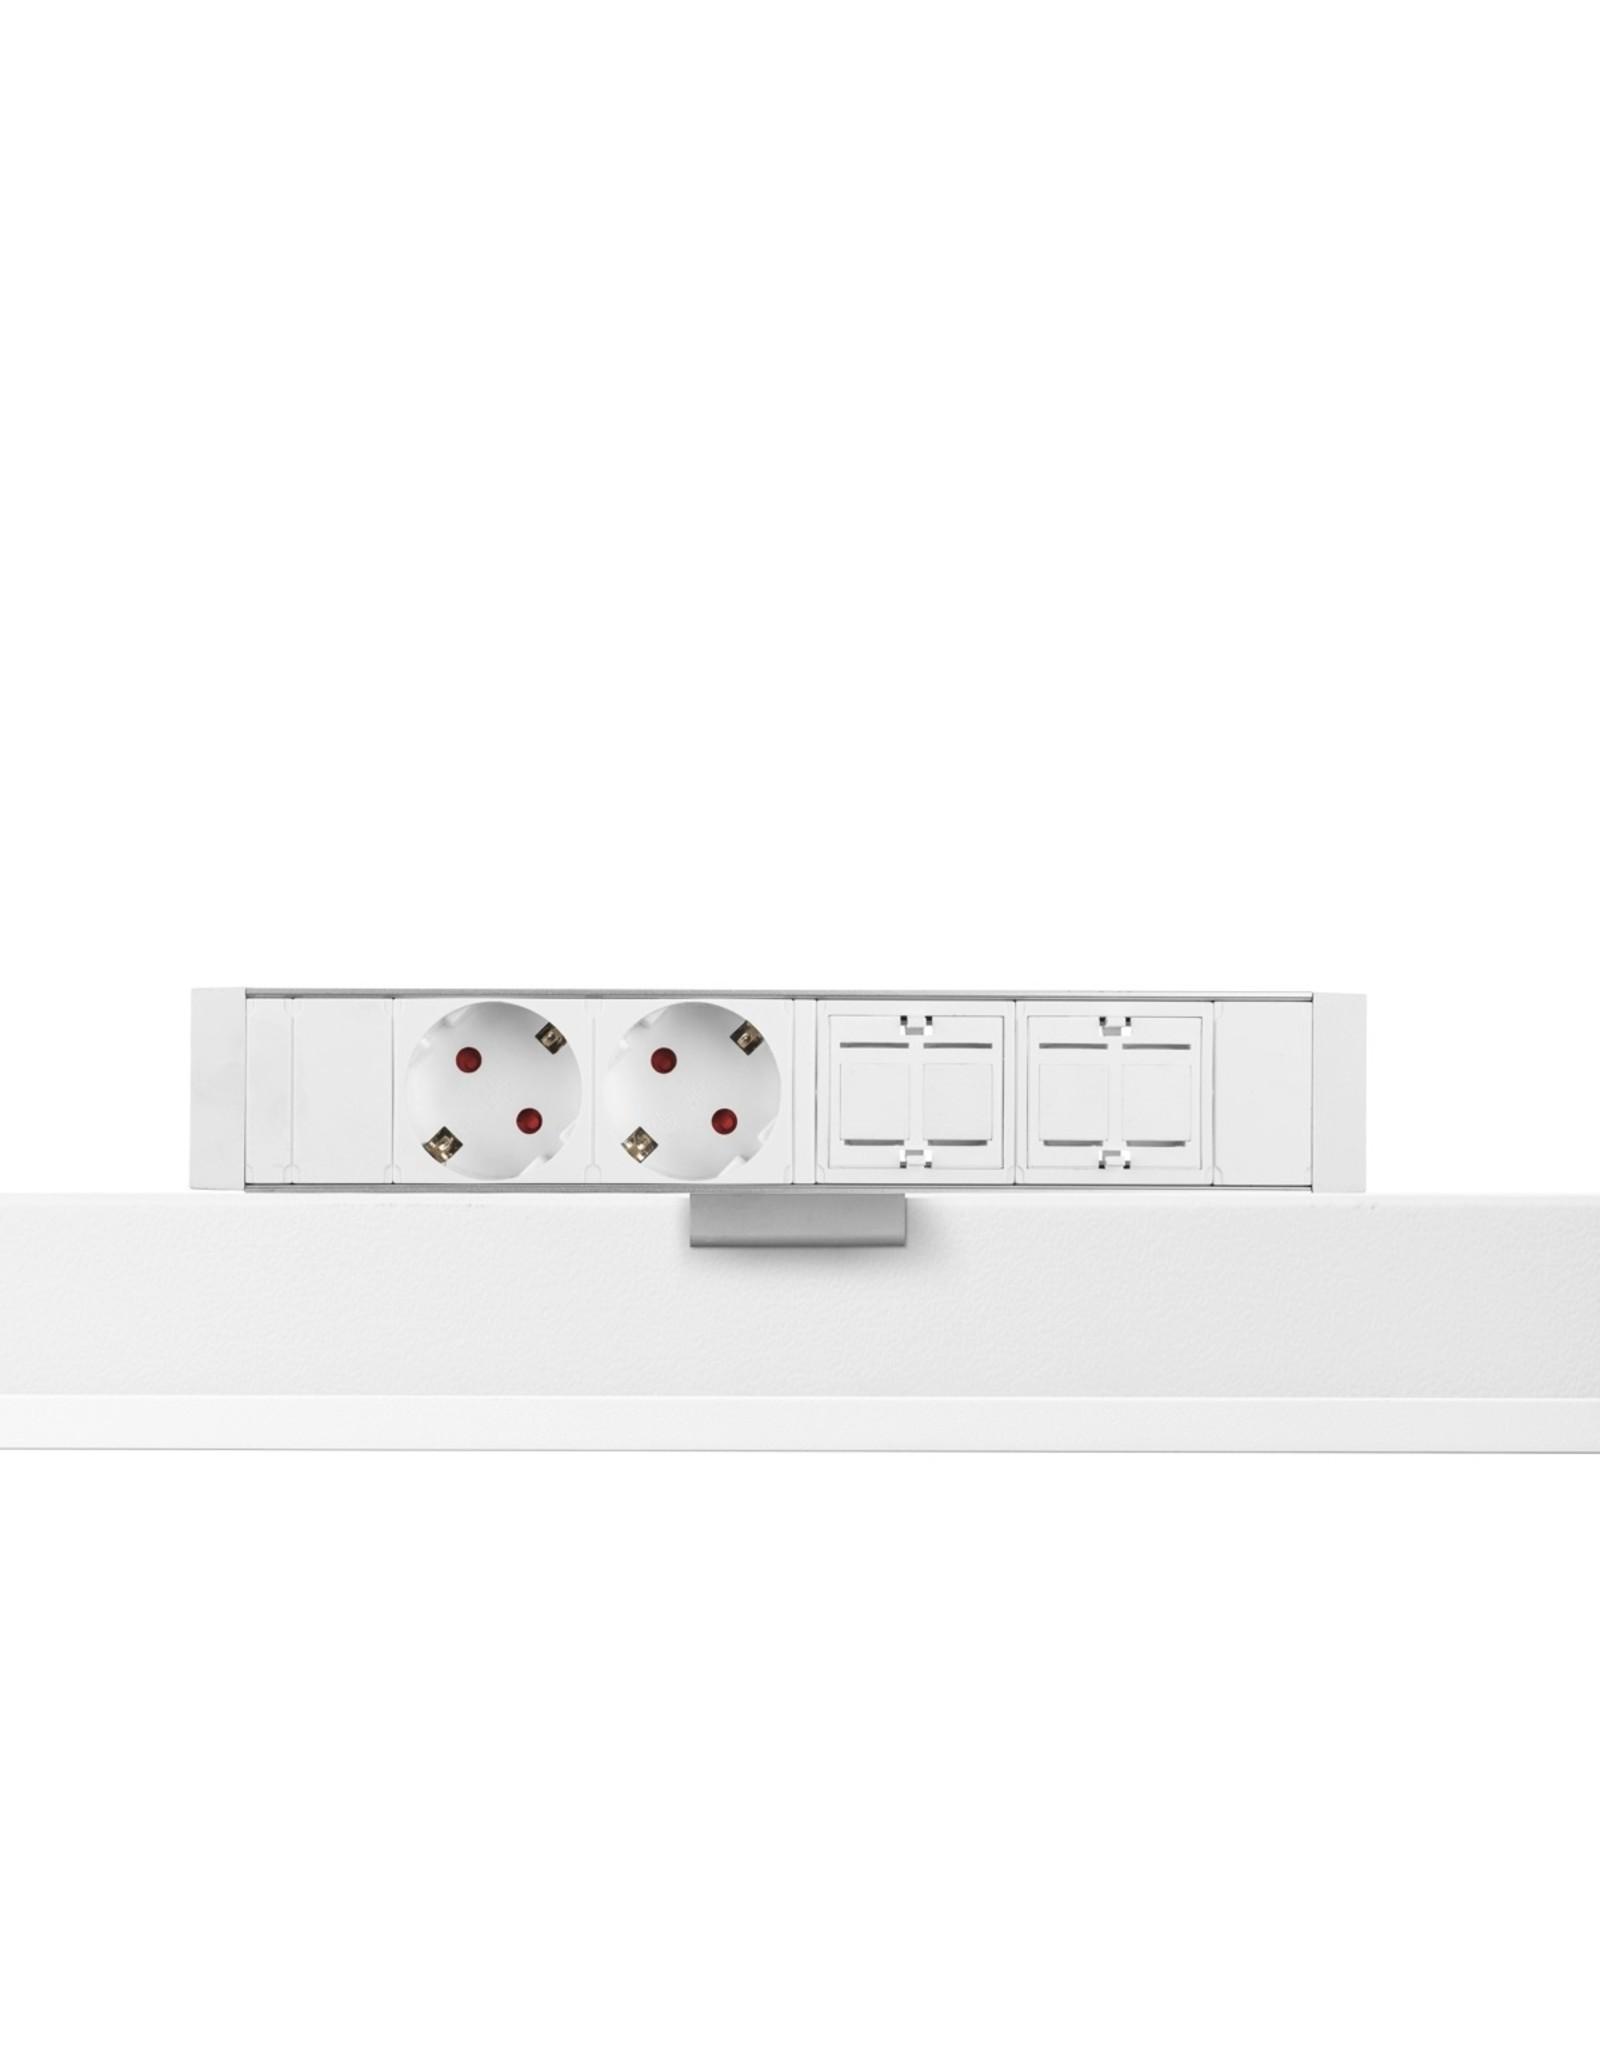 Filex Power Desk up - 2x 230V - 2x Keystone